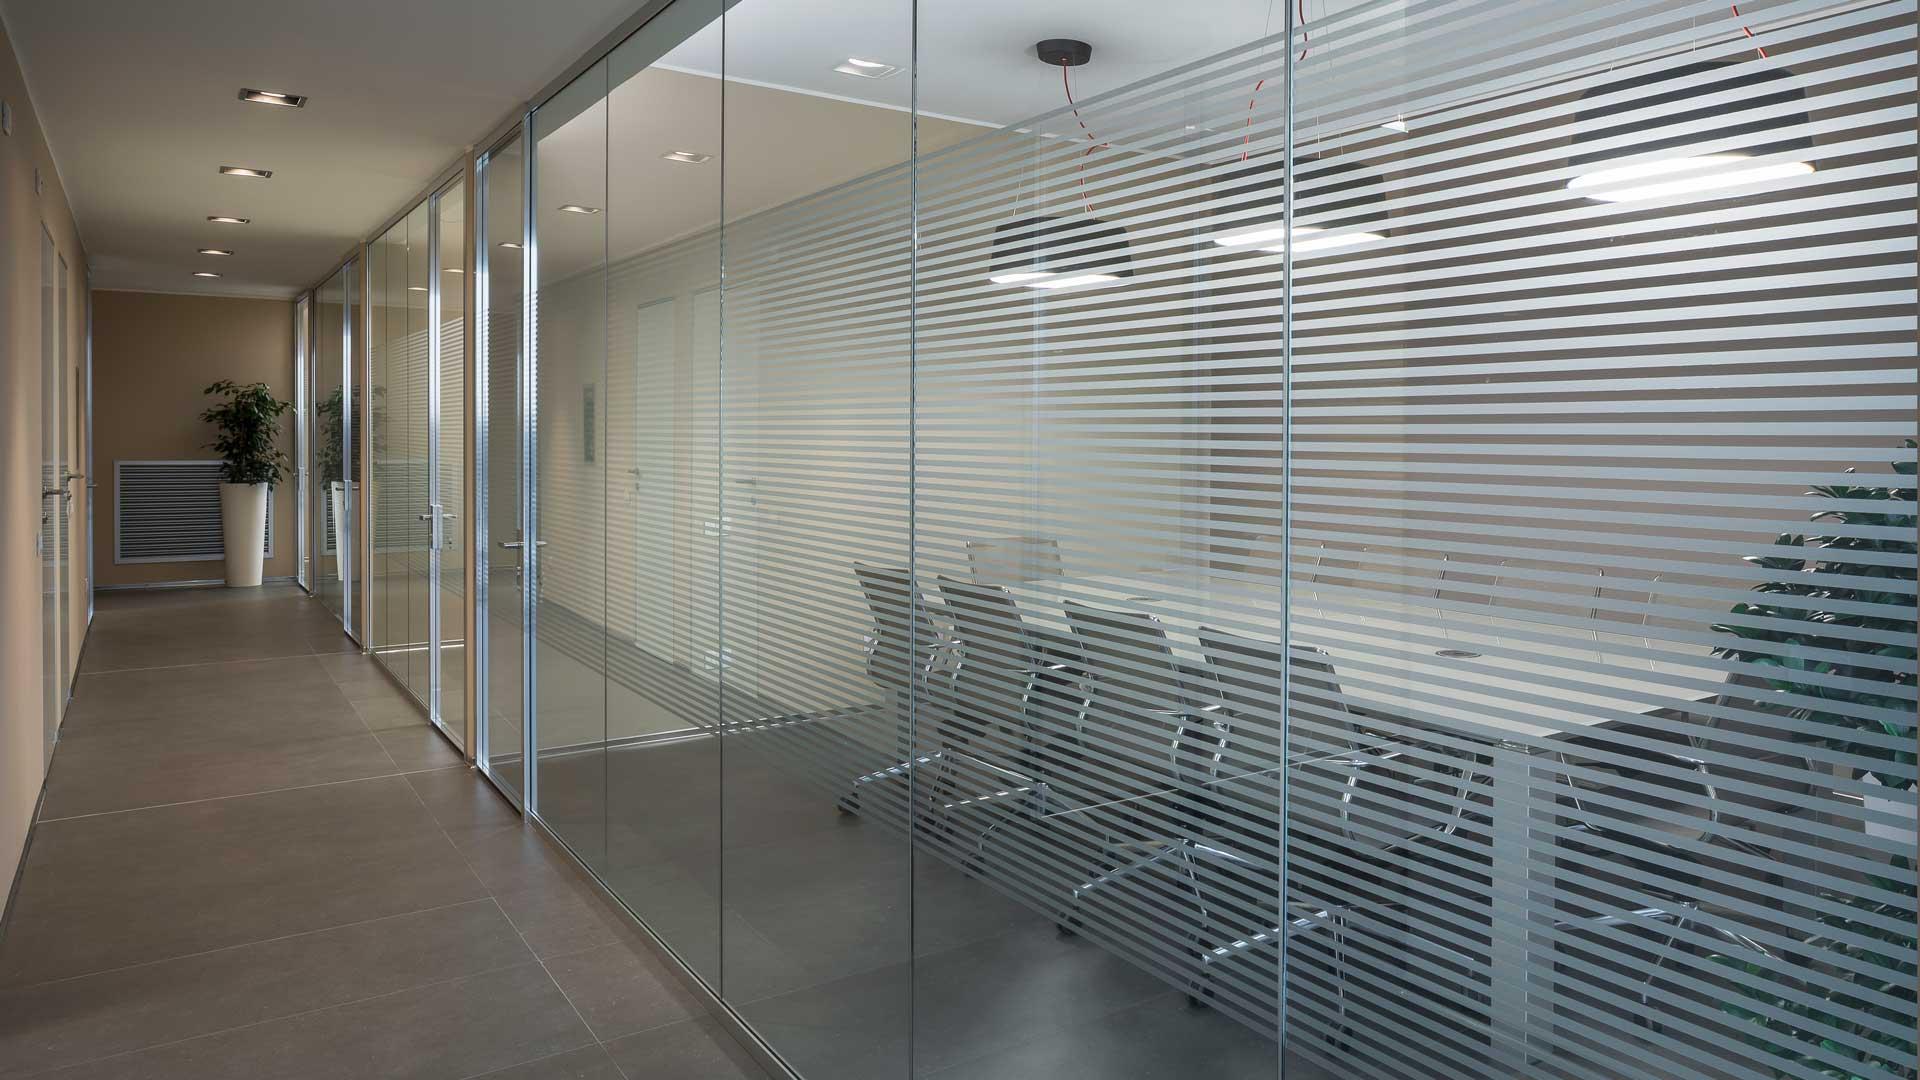 Pareti-divisorie-o-pareti-in-cartongesso-per-l'ufficio-Ecogenia-2